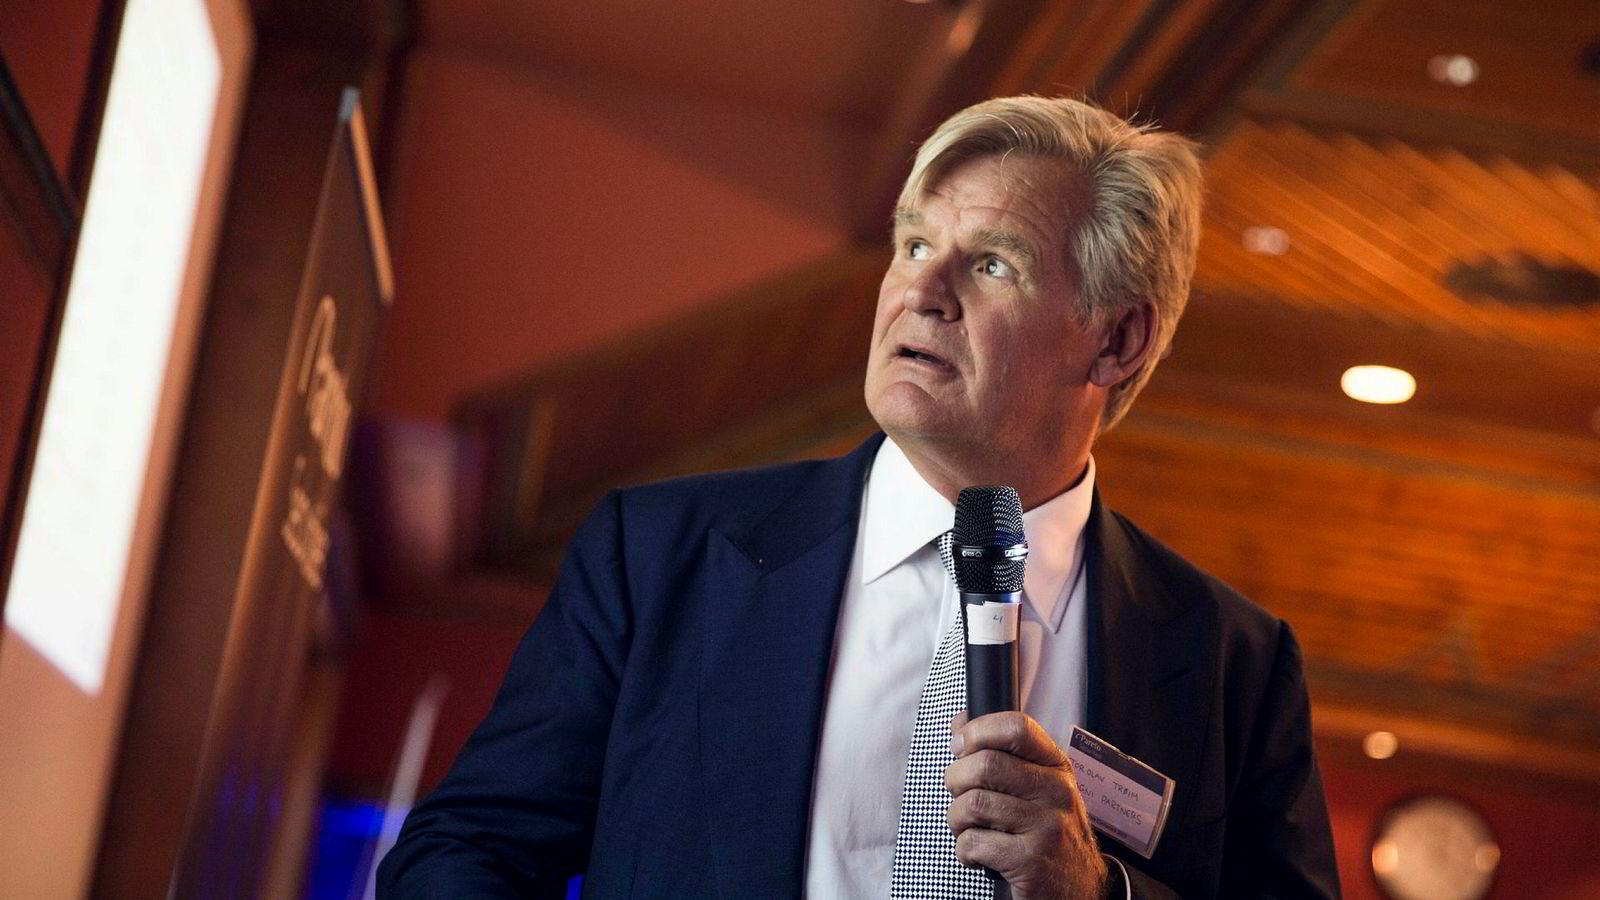 Med dagens Storebrand-kurs må aksjen stige over 17 prosent for at Tor Olav Trøim skal vinne veddemålet, om én flaske god vin, med DNs børskommentator.